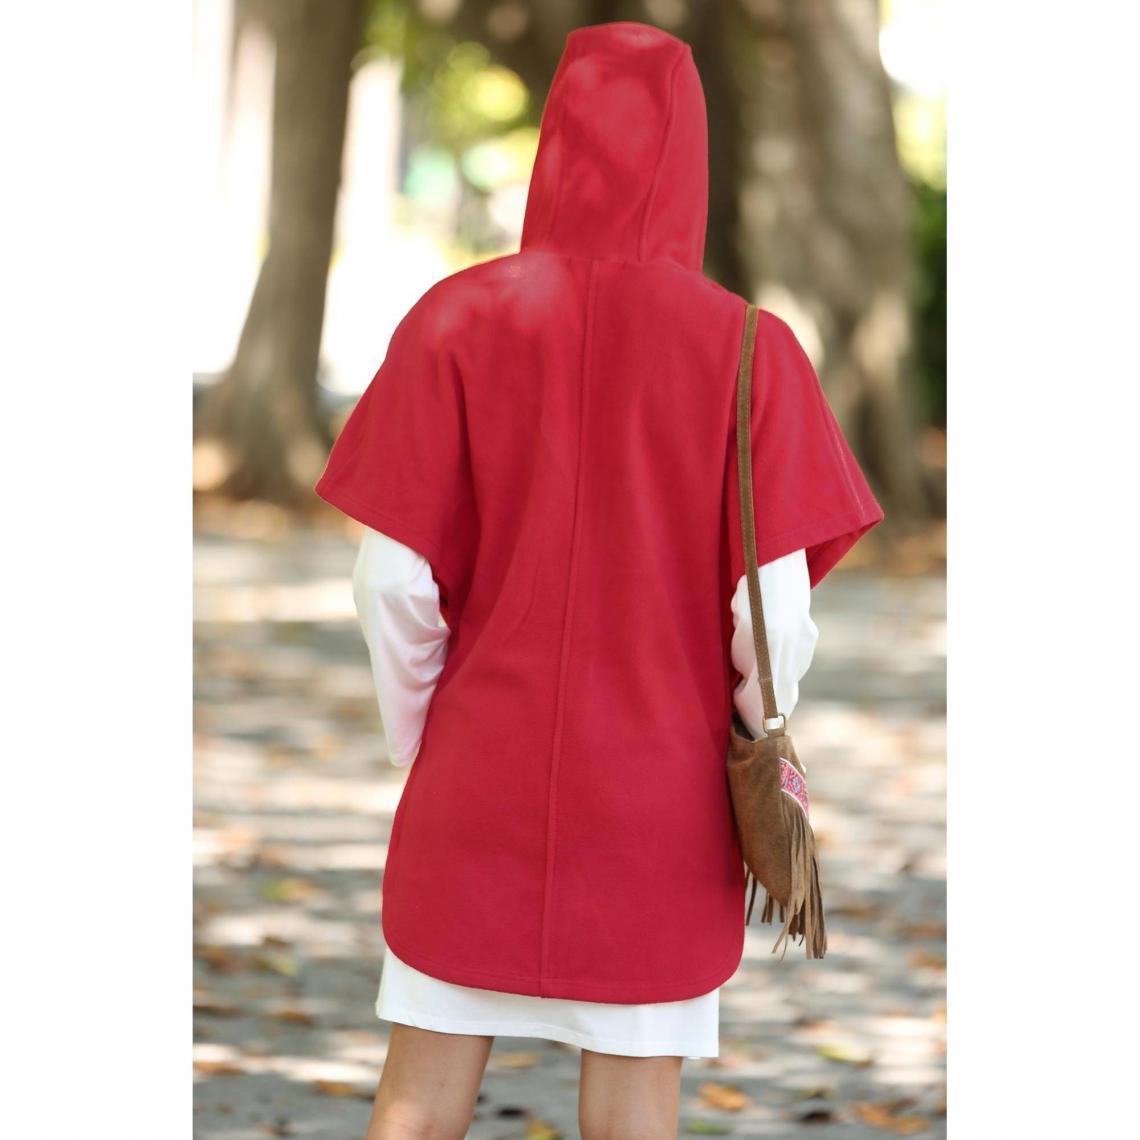 Manteau Exclusivité 3SUISSES - Rouge   3Suisses b56de08c2d43